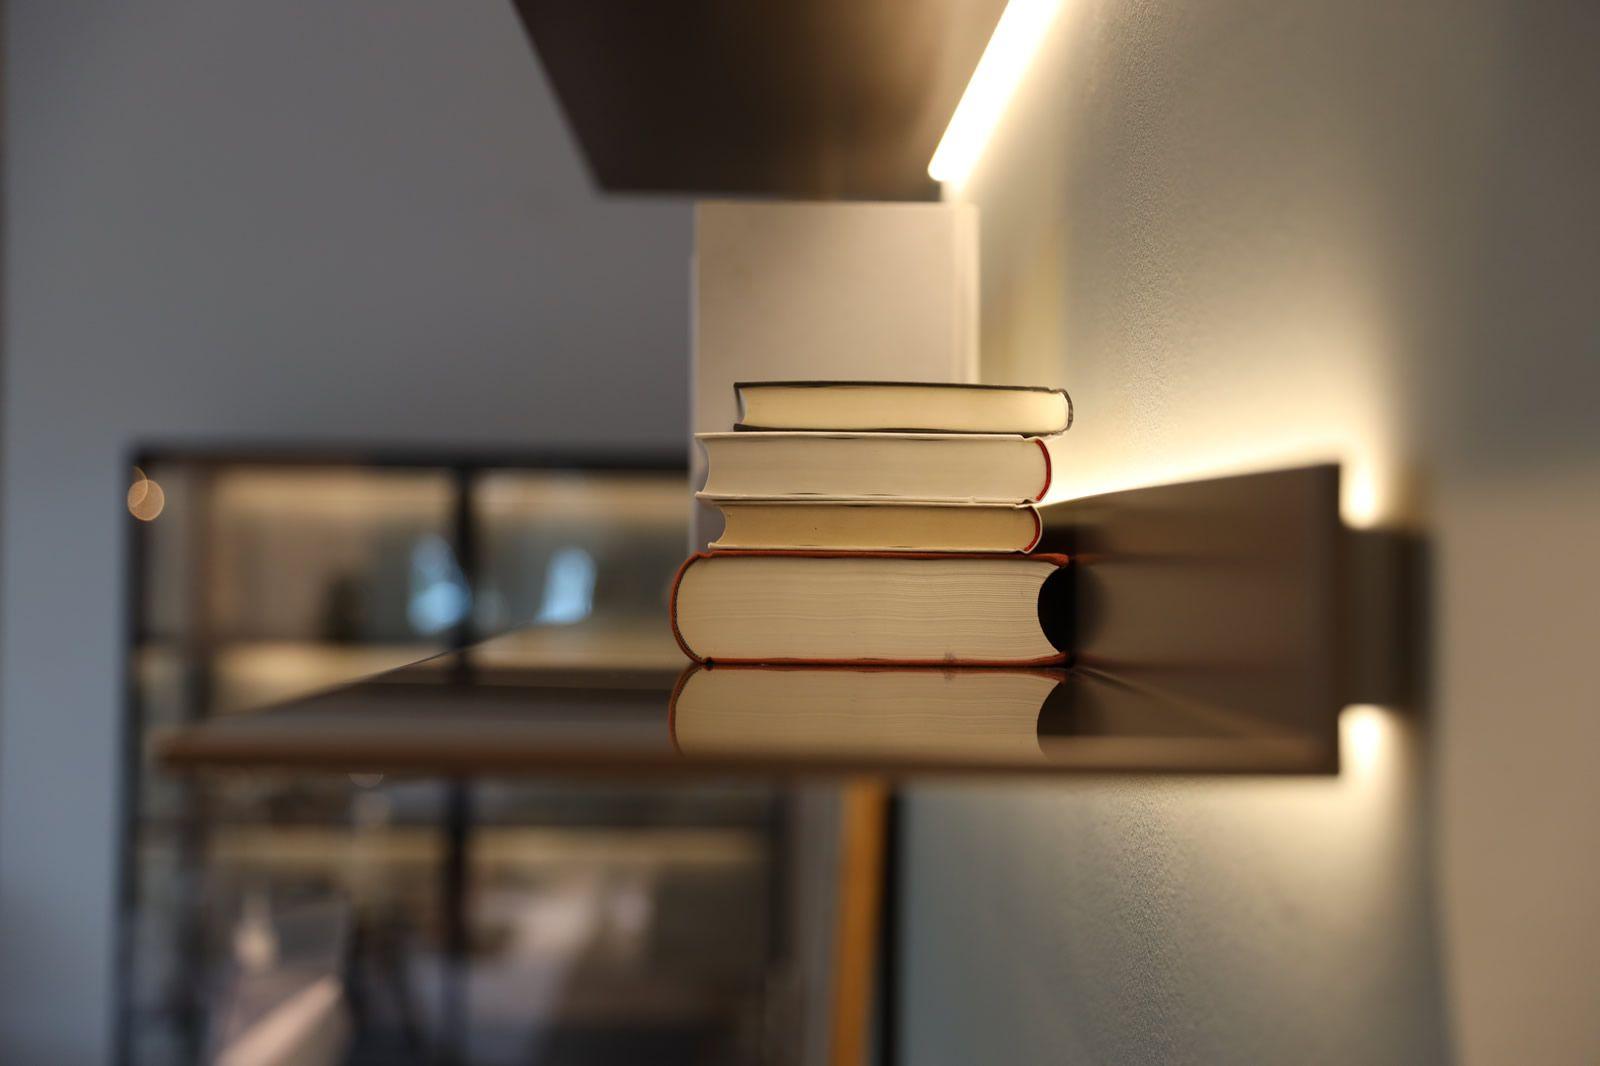 Drifte Onlineshop Exklusive Designmobel Leuchten Und Mobelklassiker Led Beleuchtung Led Stehleuchte Led Deckenleuchte